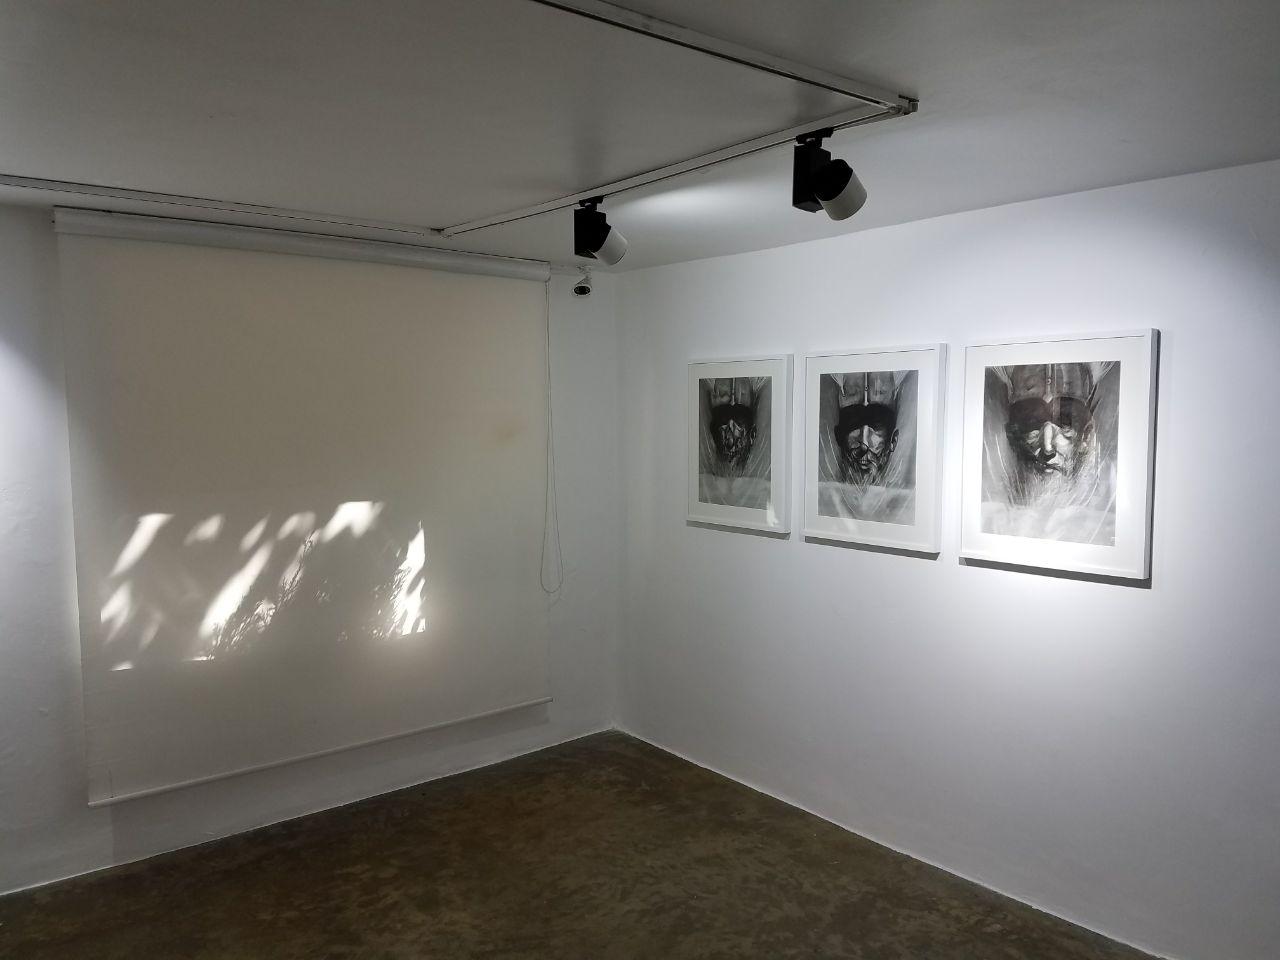 MournBabyMourn Installation Shot